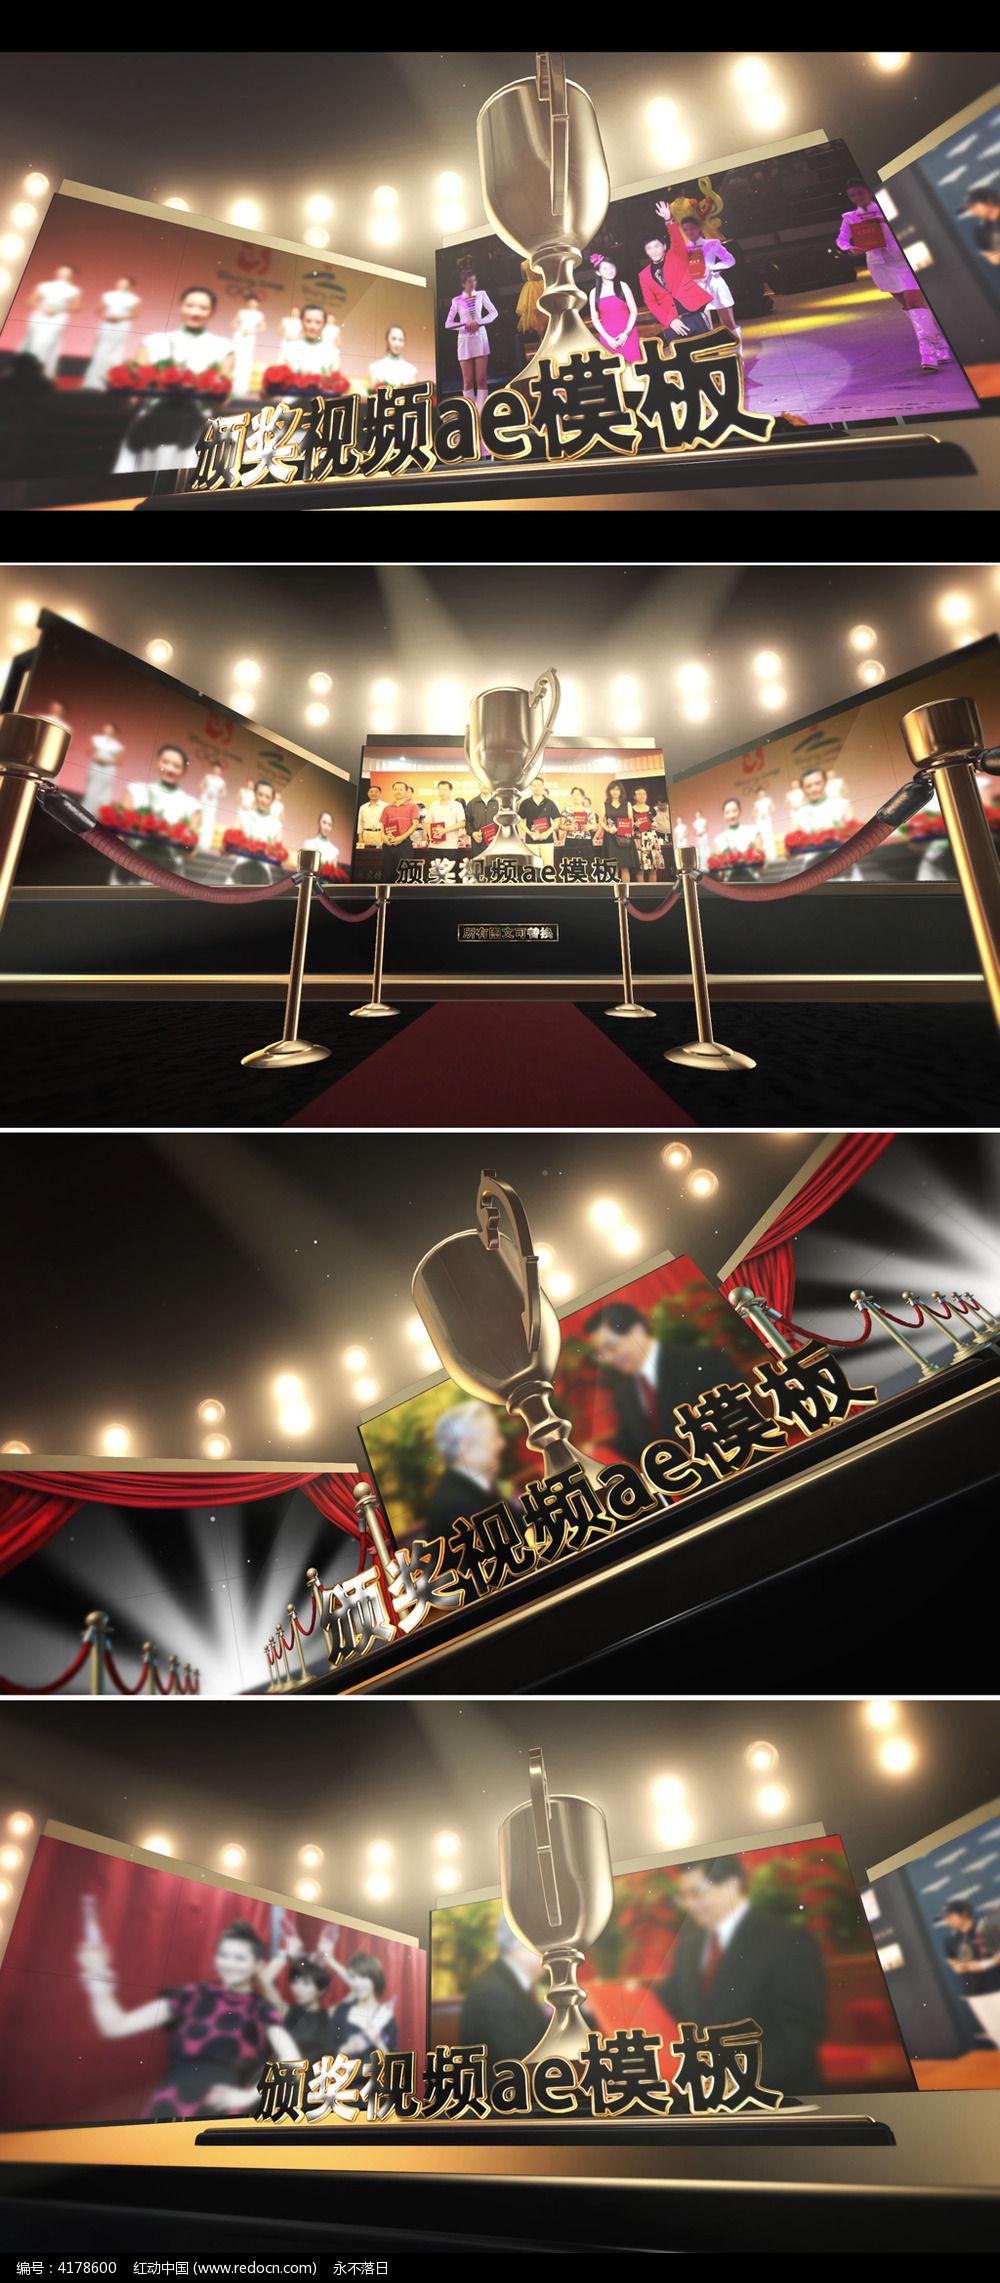 震撼企业颁奖晚会片头视频AE模板